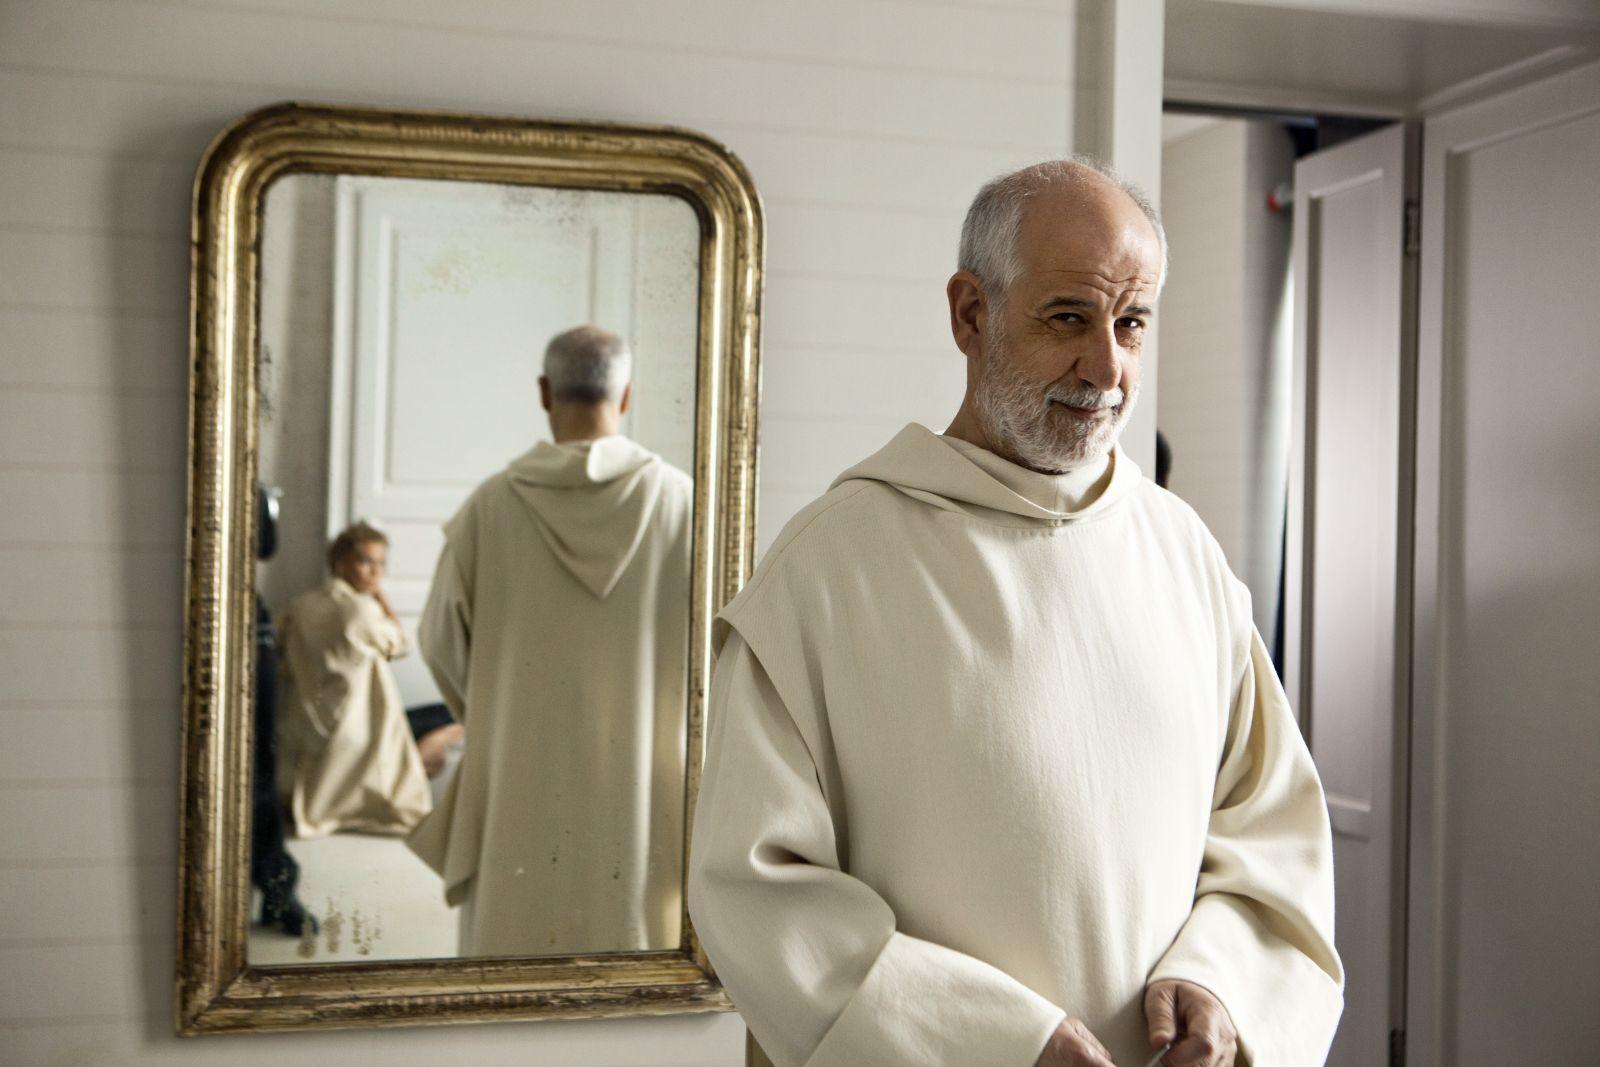 Le confessioni: Toni Servillo e Connie Nielsen (la cui immagine è riflessa nello specchio) in una scena del film